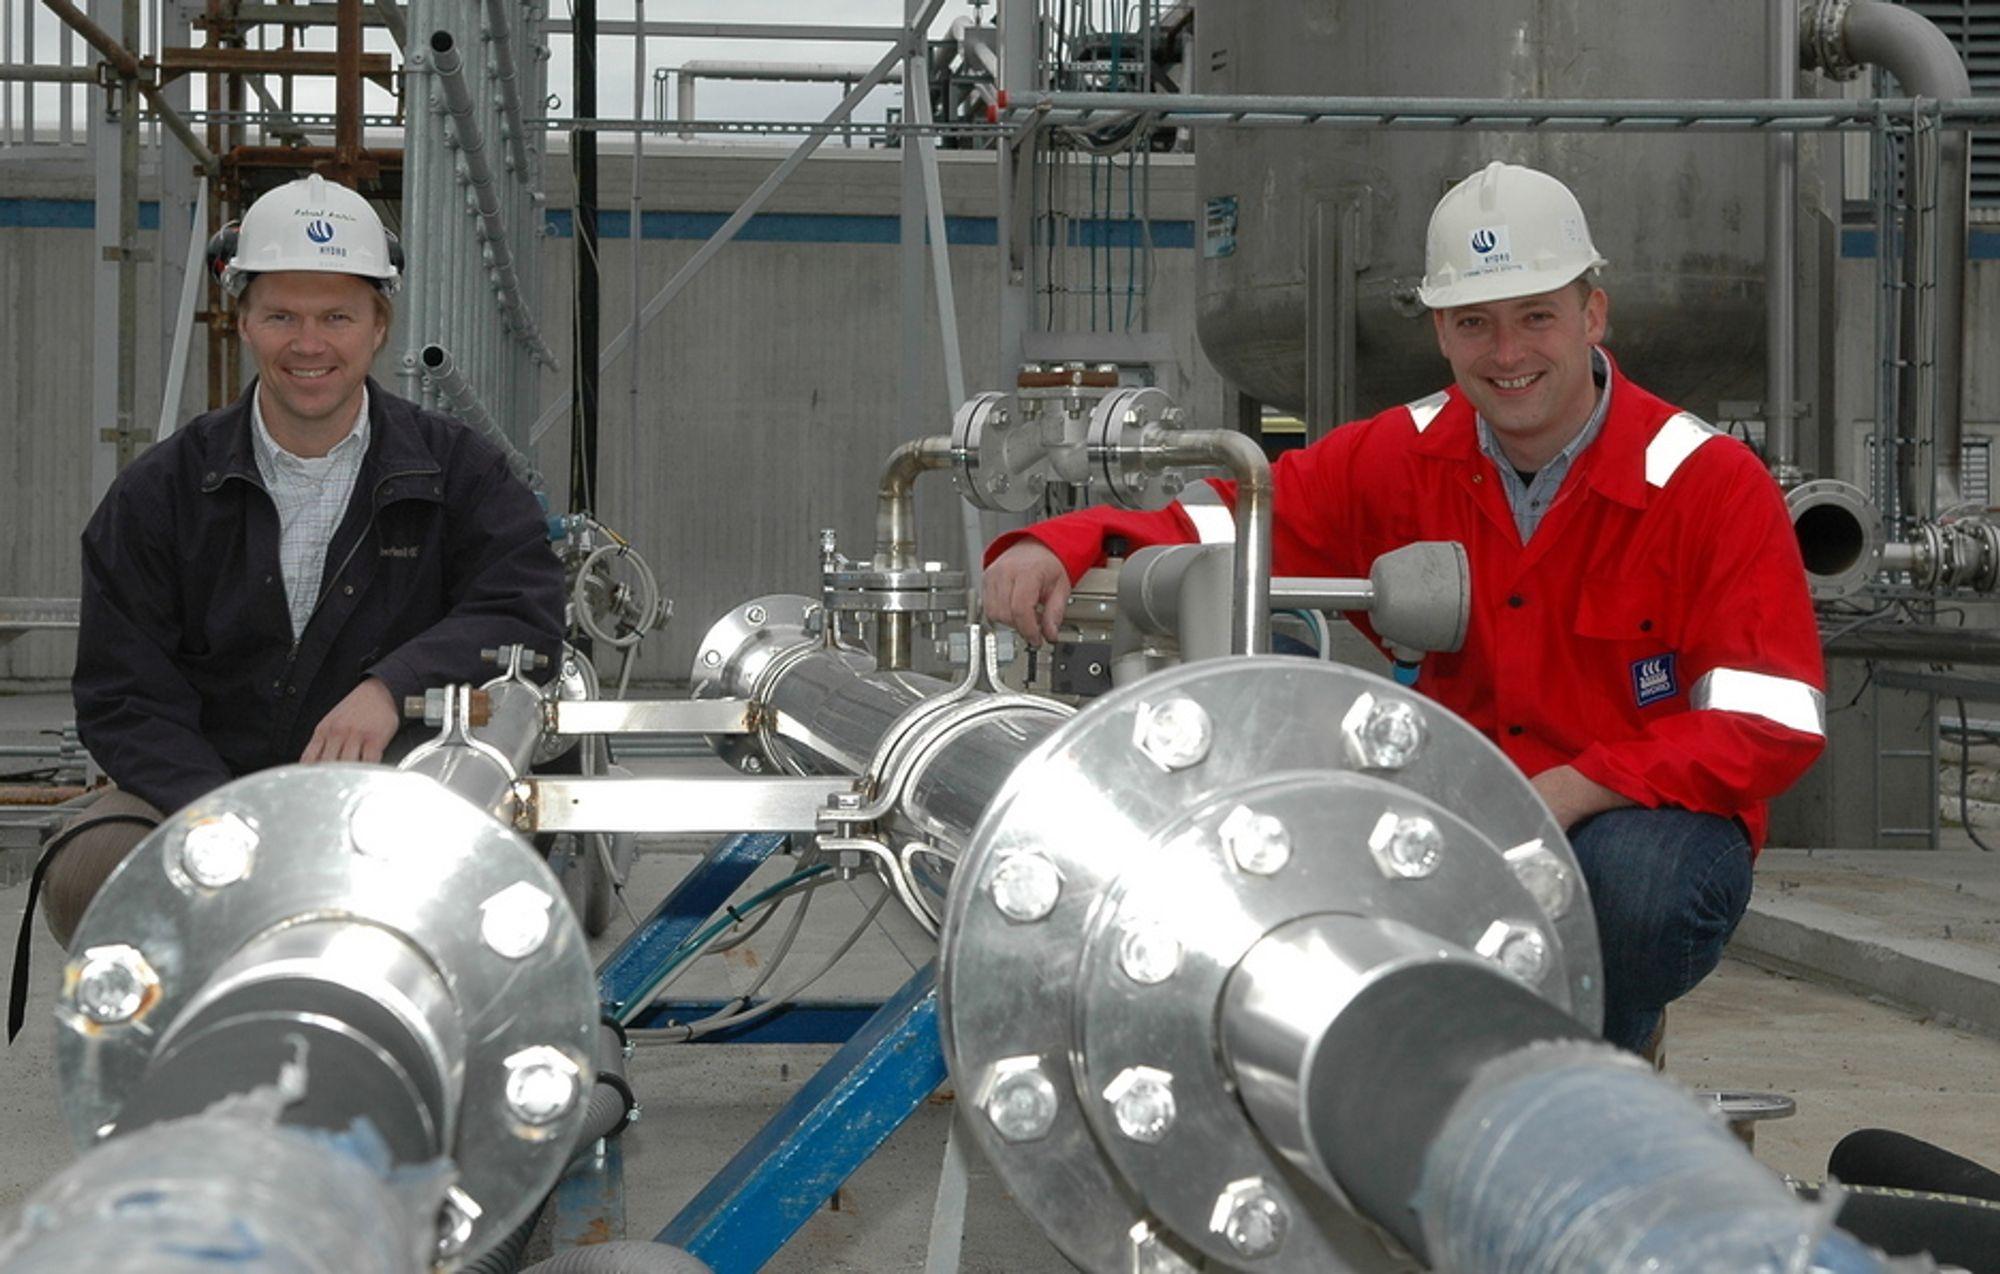 FINALISTER: Robert Aasheim og Taale Stette kom helt til finalen forHydros innovasjonspris for 2006 for det arbeidet de gjennomførte på Grane. I 2007 kan resultatet bli en mergevinst på 4,5 milliarder kroner.